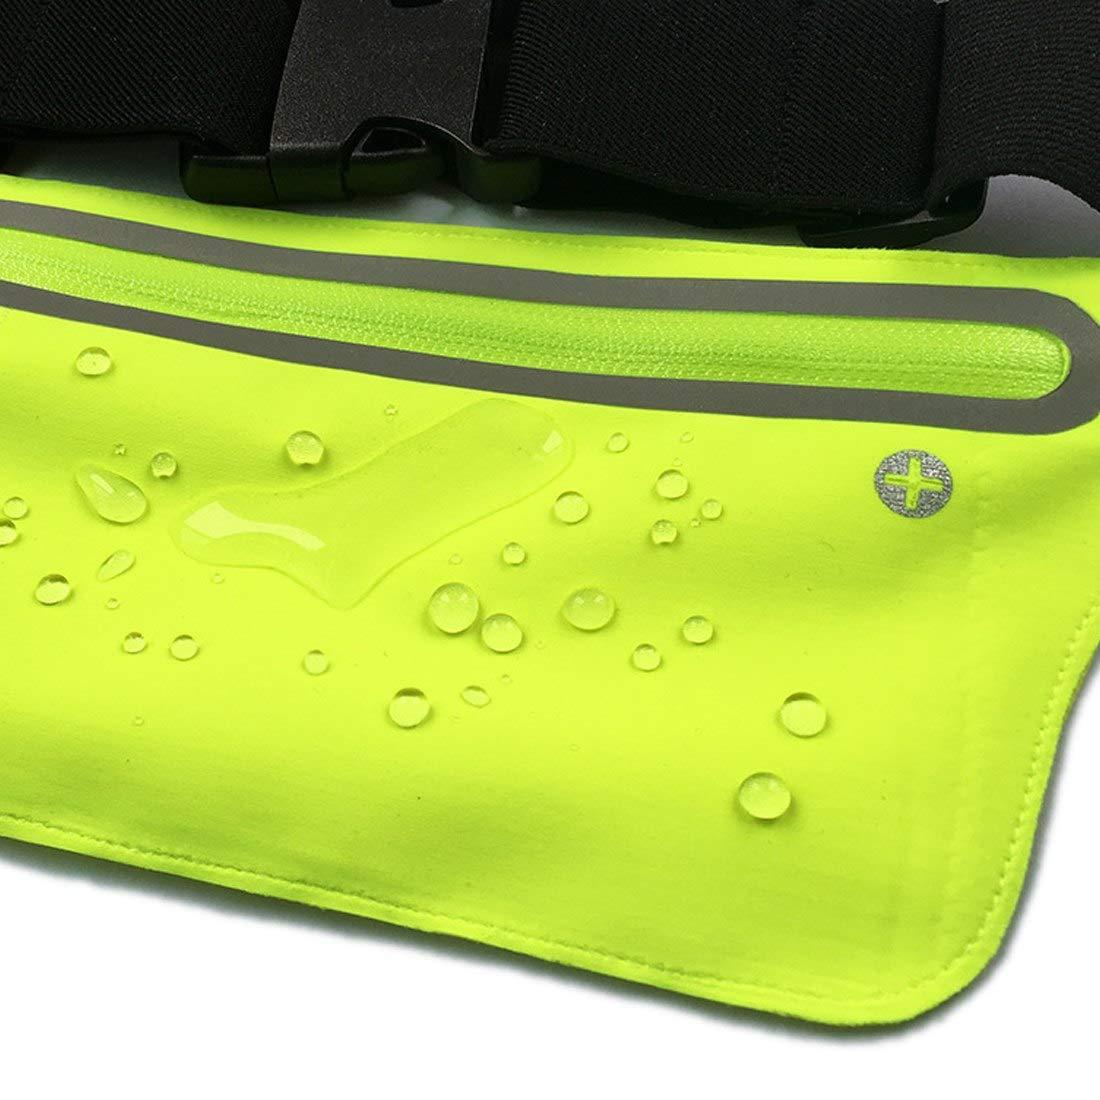 ihen-Tech Multifunktions Radfahren Laufen H/üfte Geld G/ürtel G/ürteltasche Wasserdichte Handytasche Outdoor Sports Gym Bags